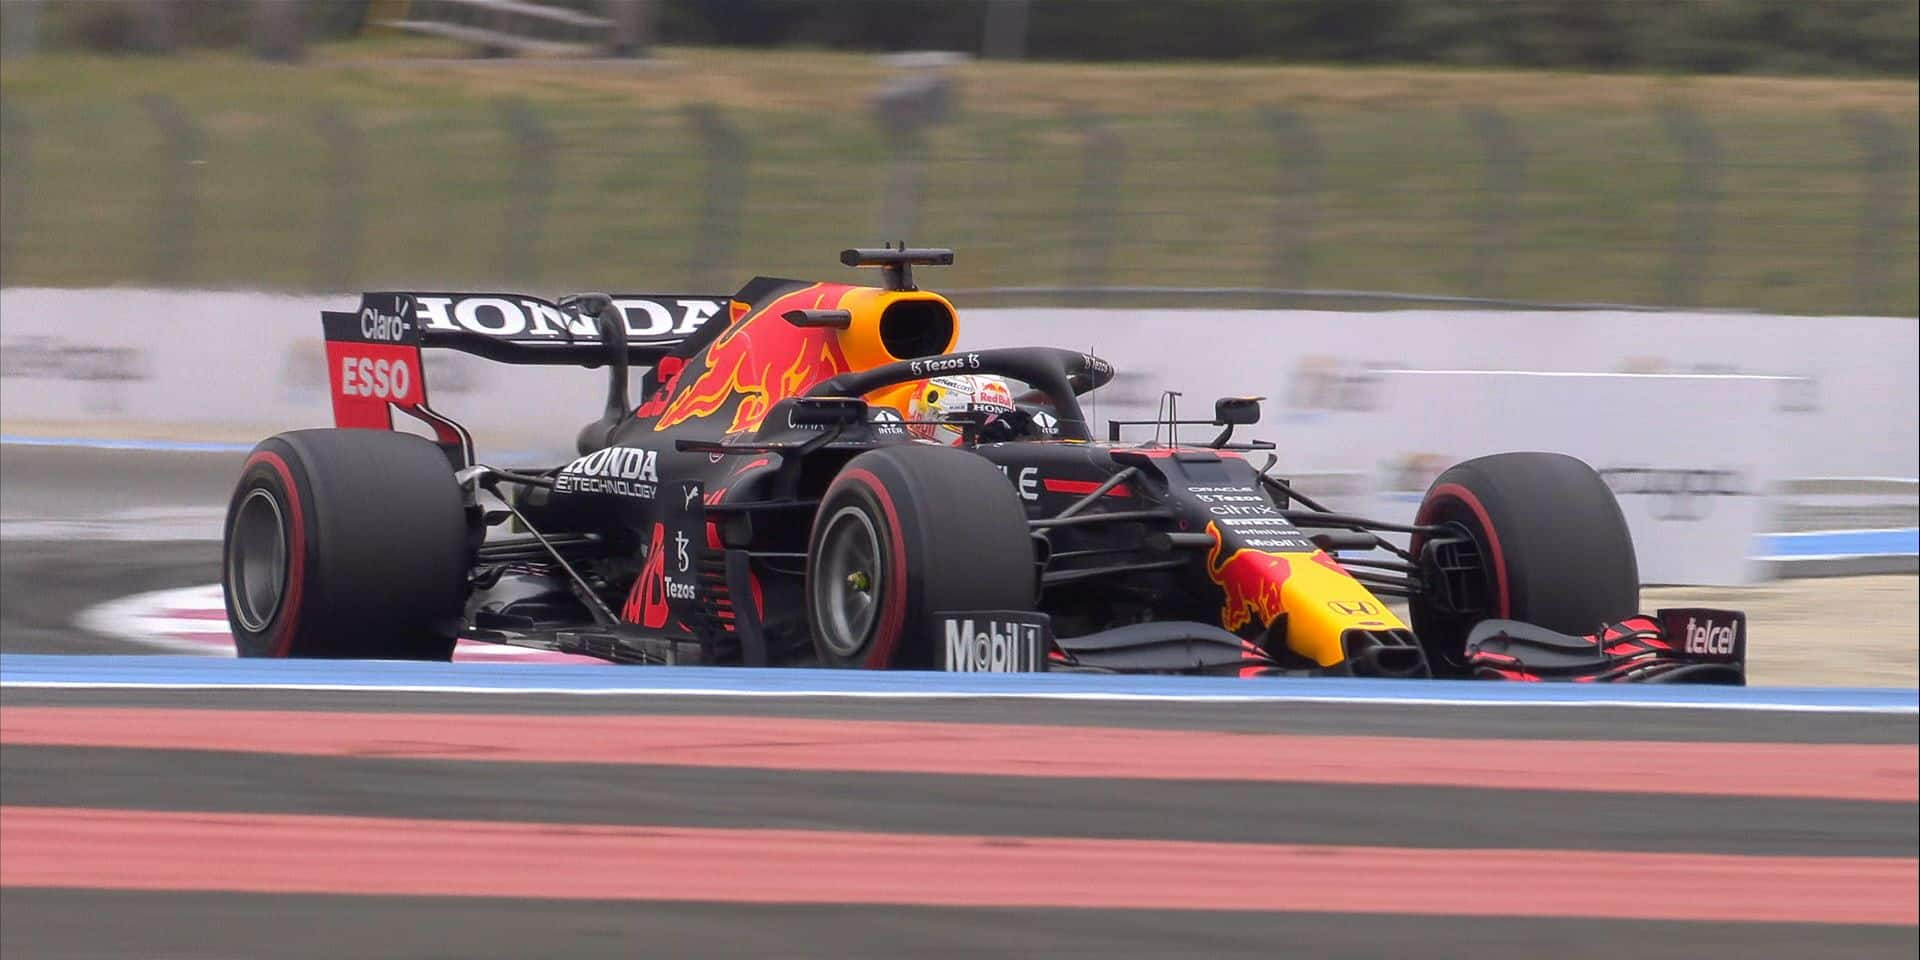 GP de France (Libres 3): Verstappen s'échappe